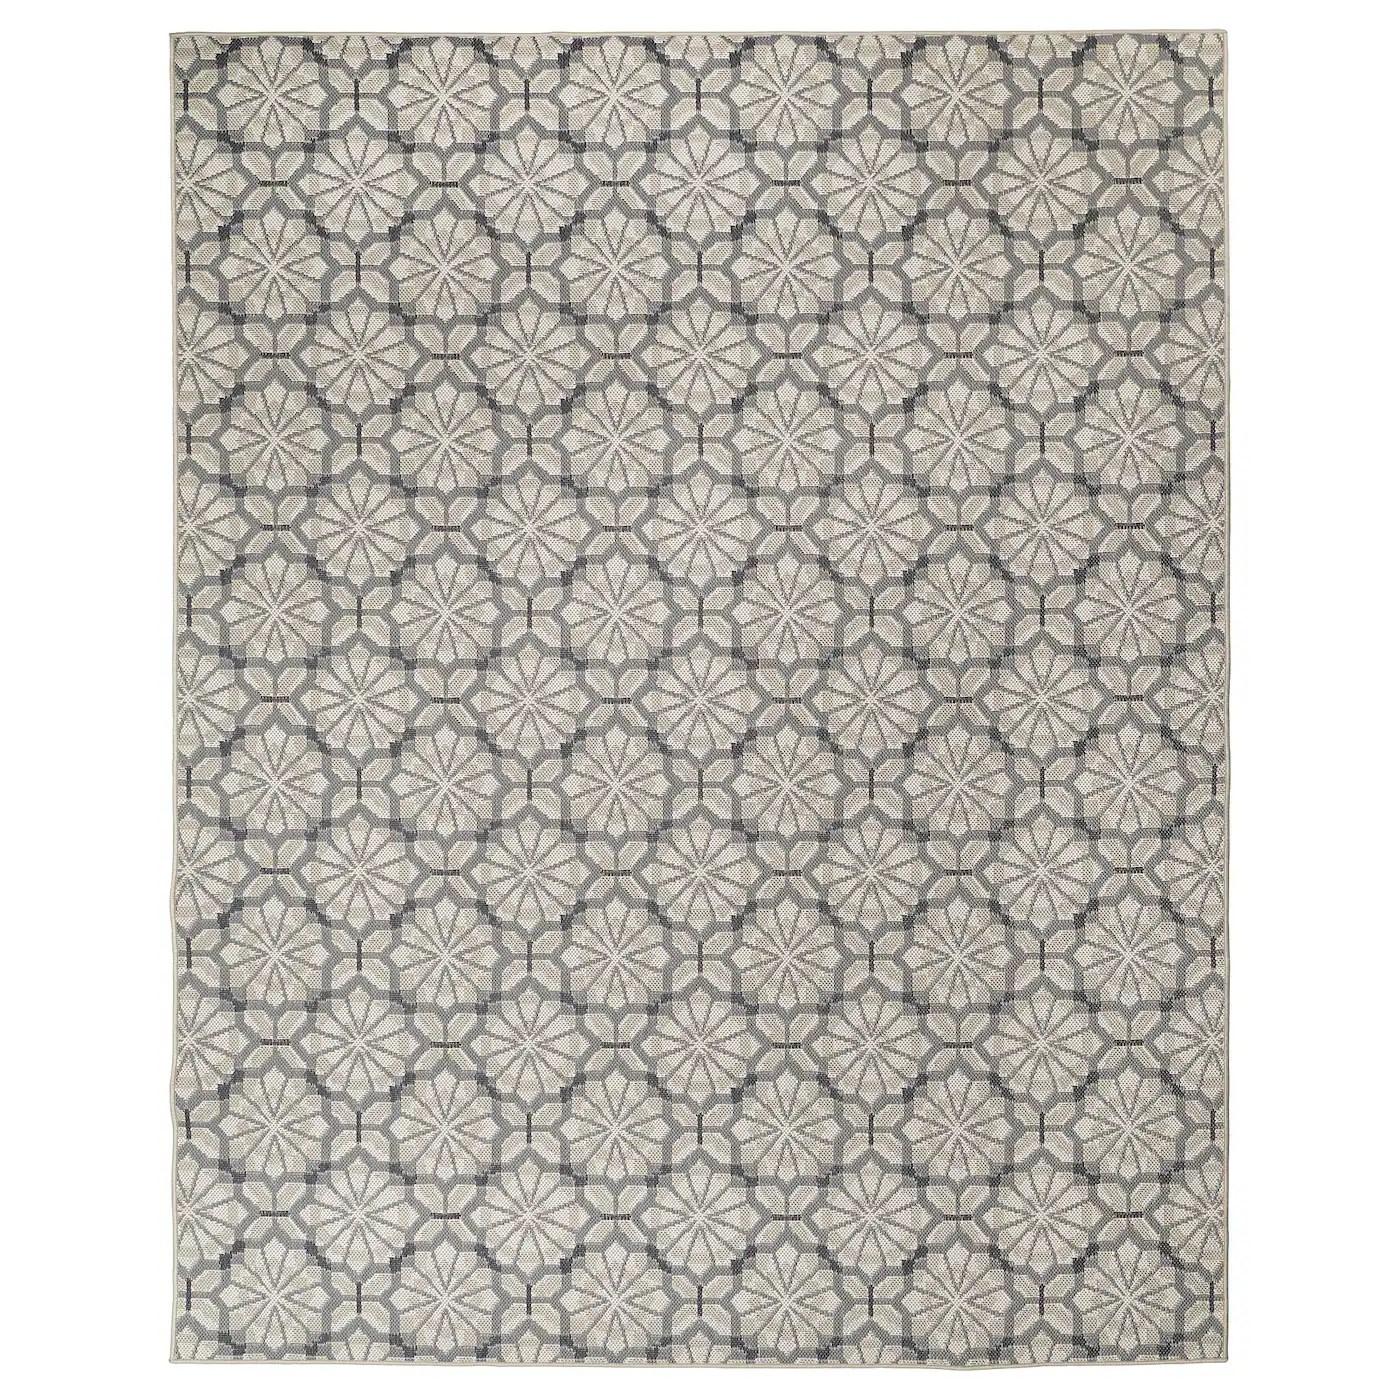 hundslund tapis tisse a plat int exterieur gris beige 200x250 cm